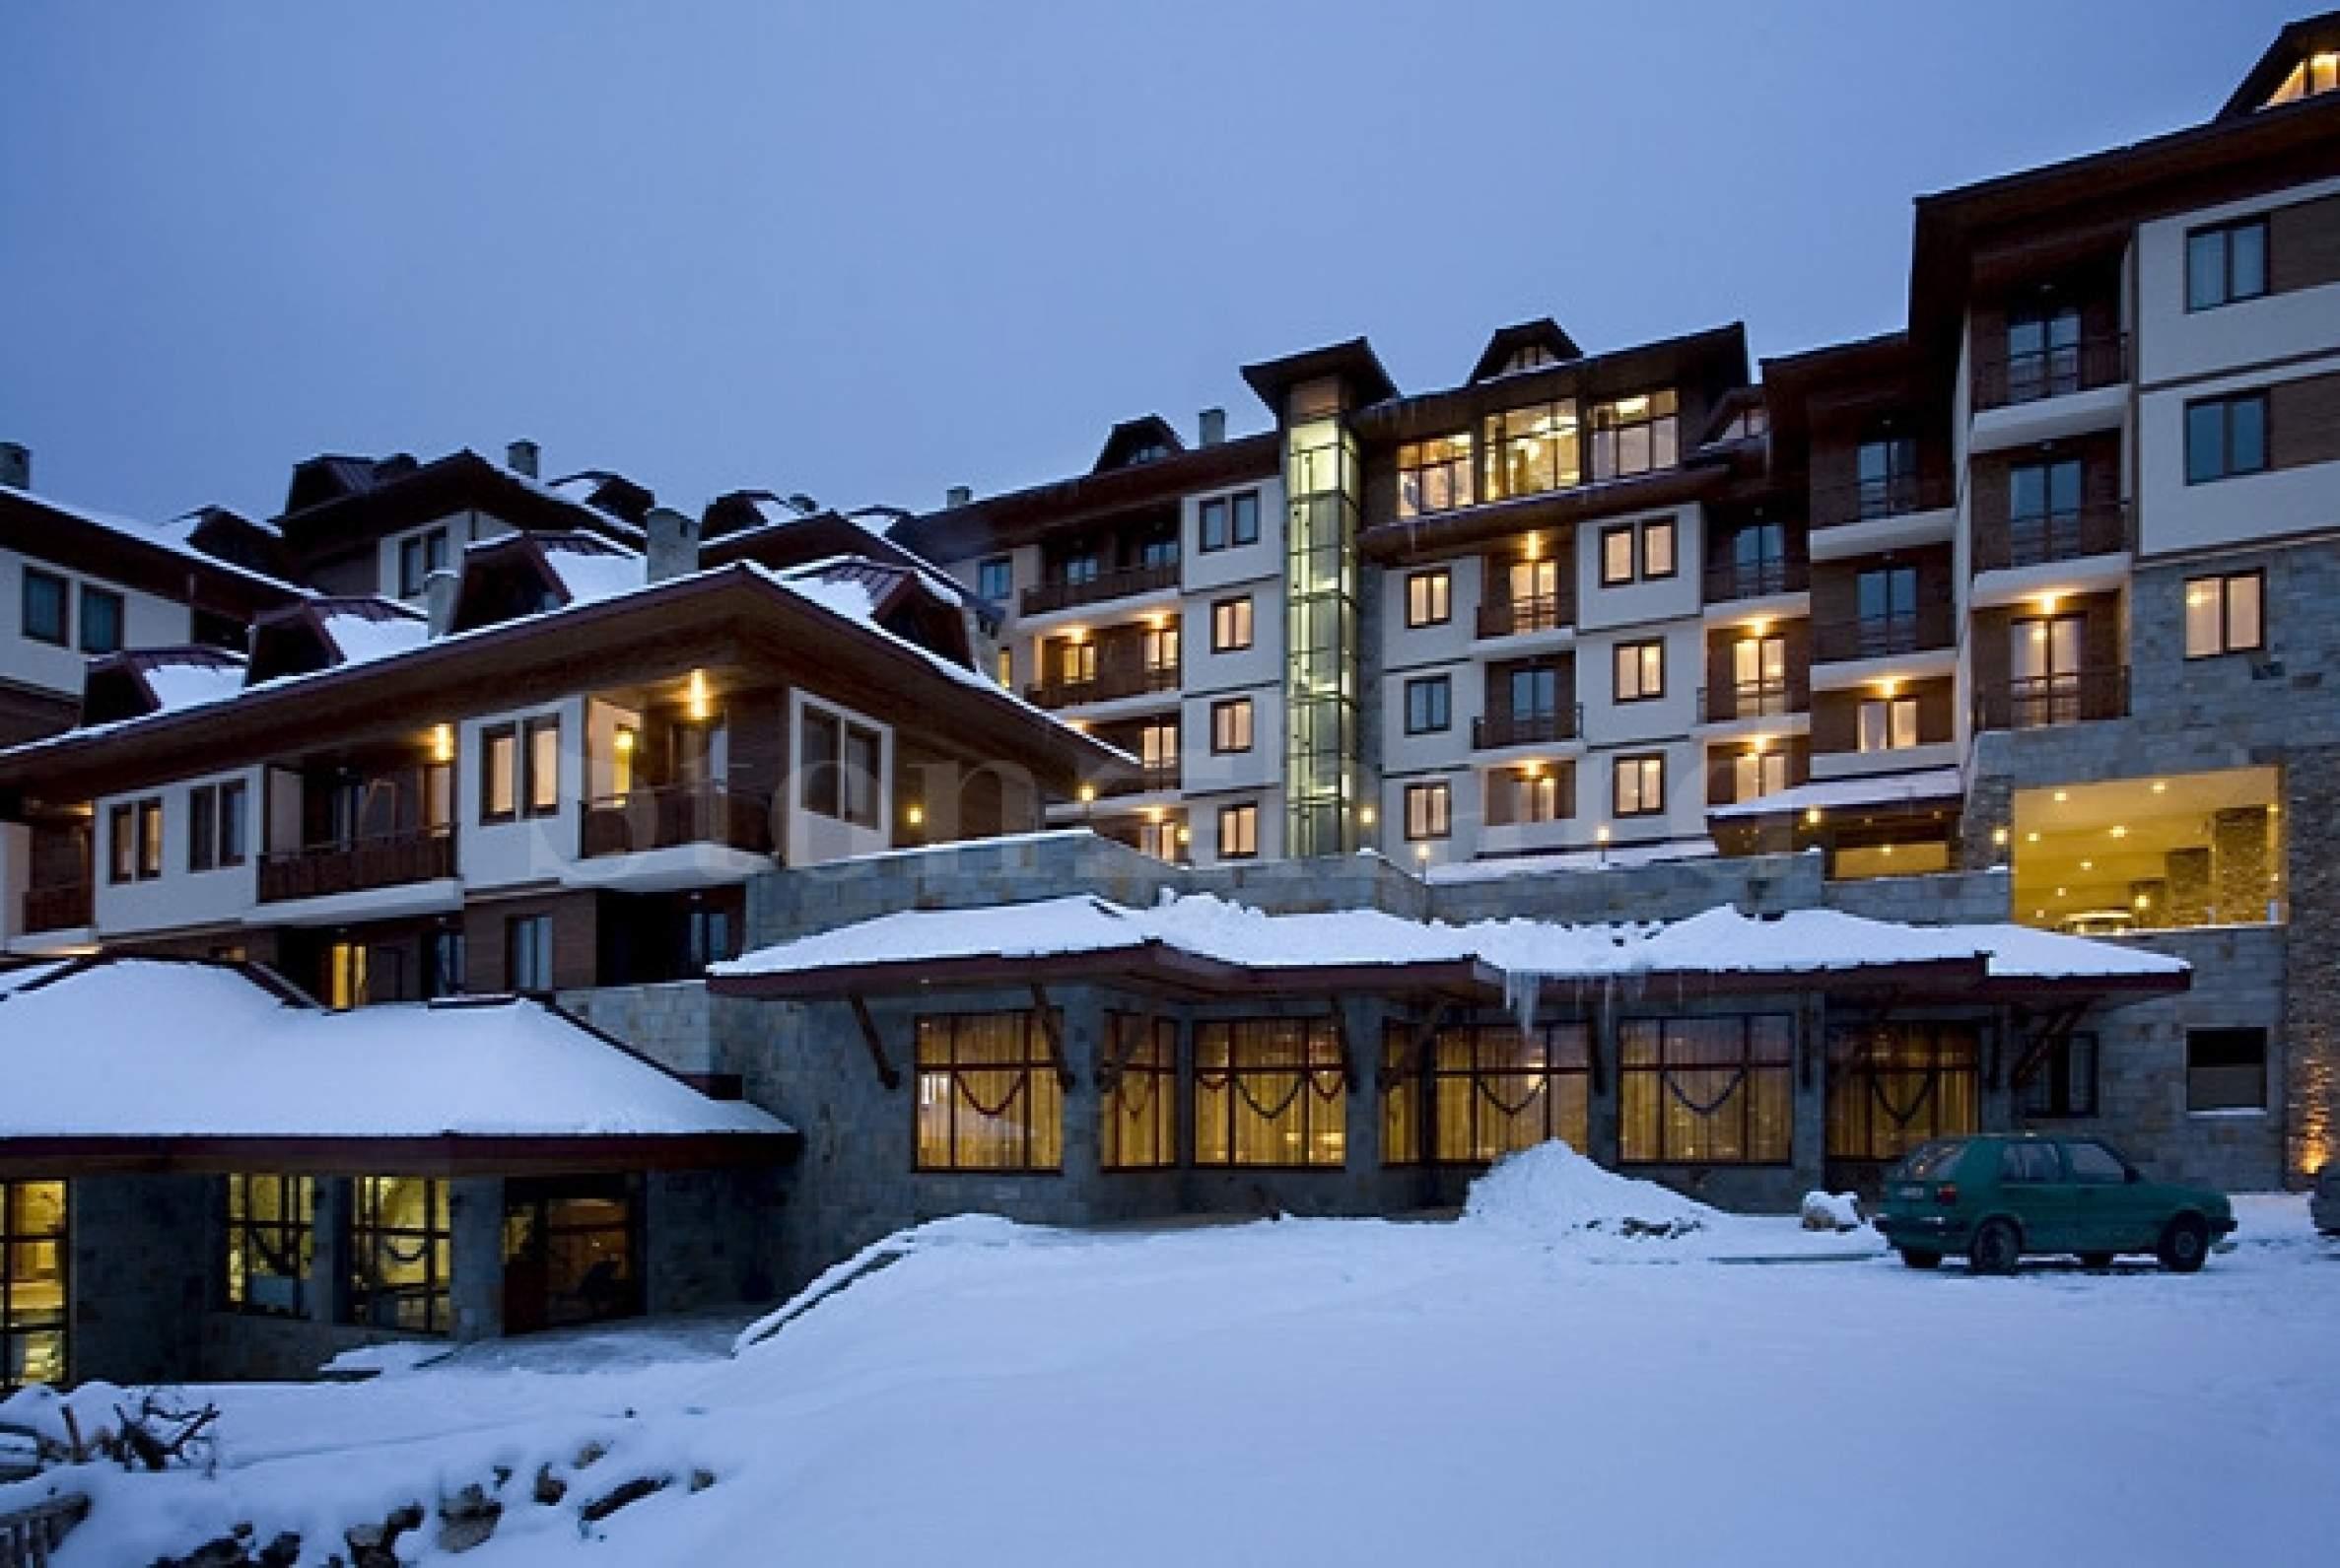 Луксозни апартаменти в стилен ваканционен комплекс2 - Stonehard